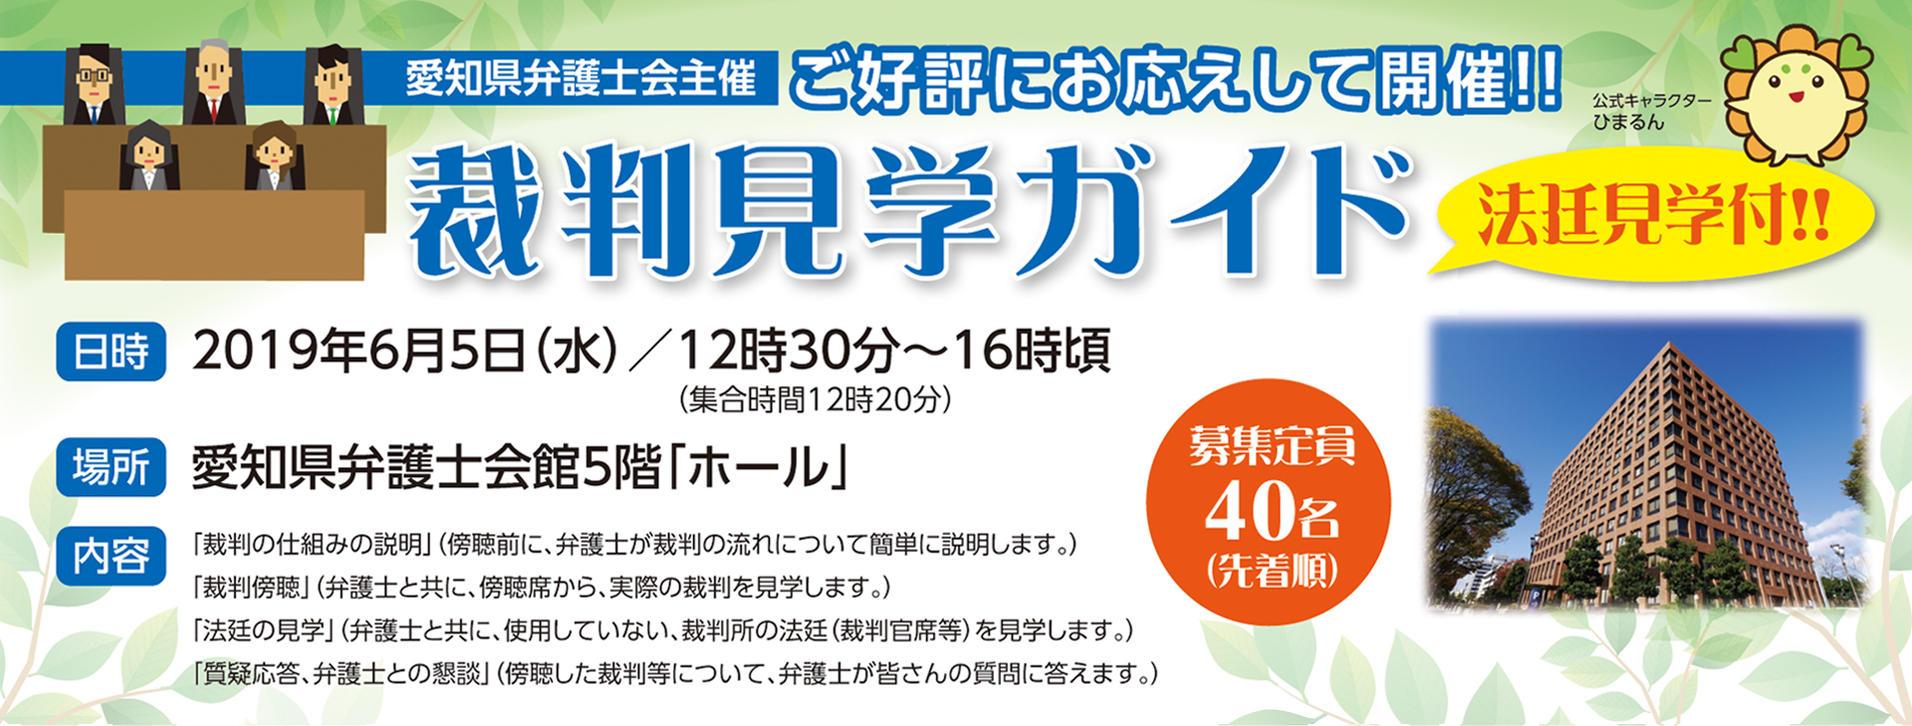 裁判見学ガイドカルーセル 掲載ページ用 (002).jpg